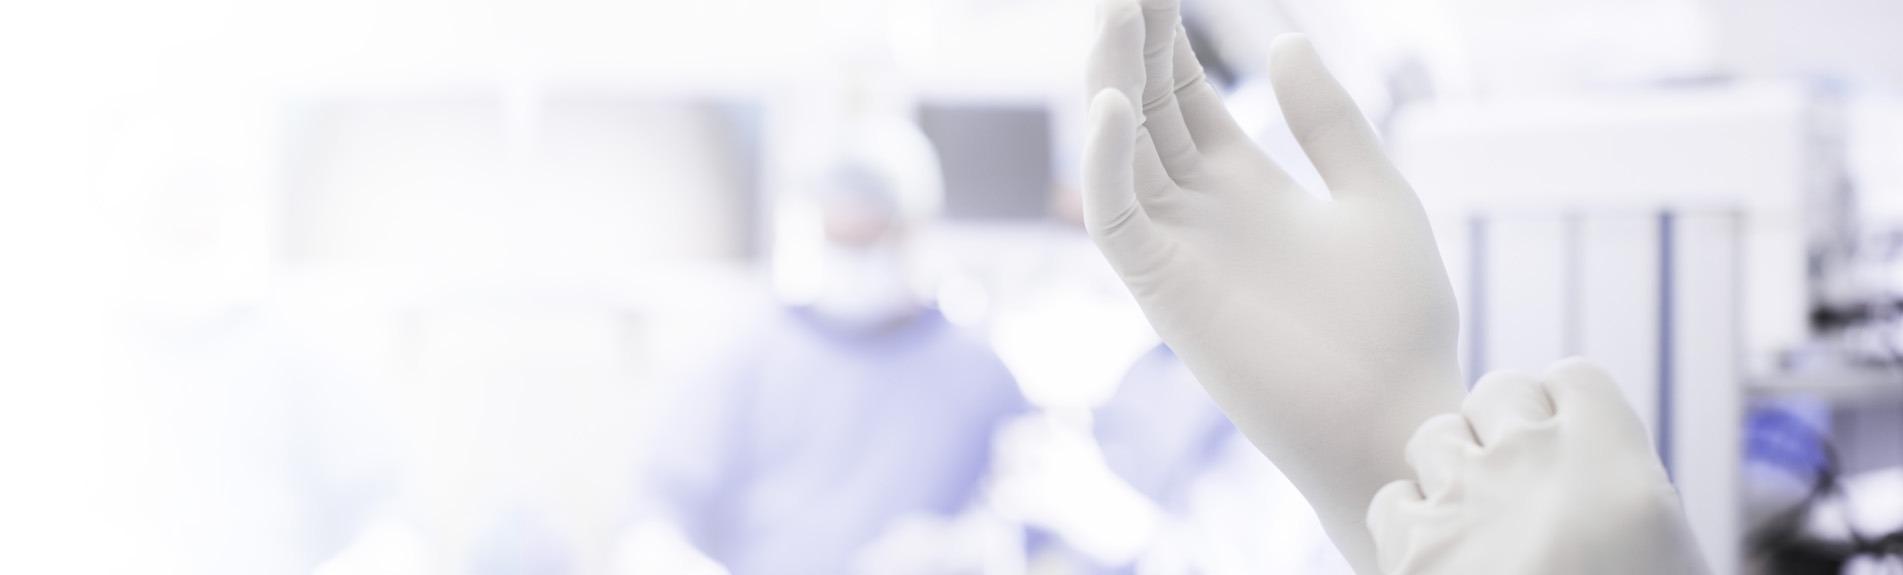 Гинекологические вмешательства при помощи лапароскопии